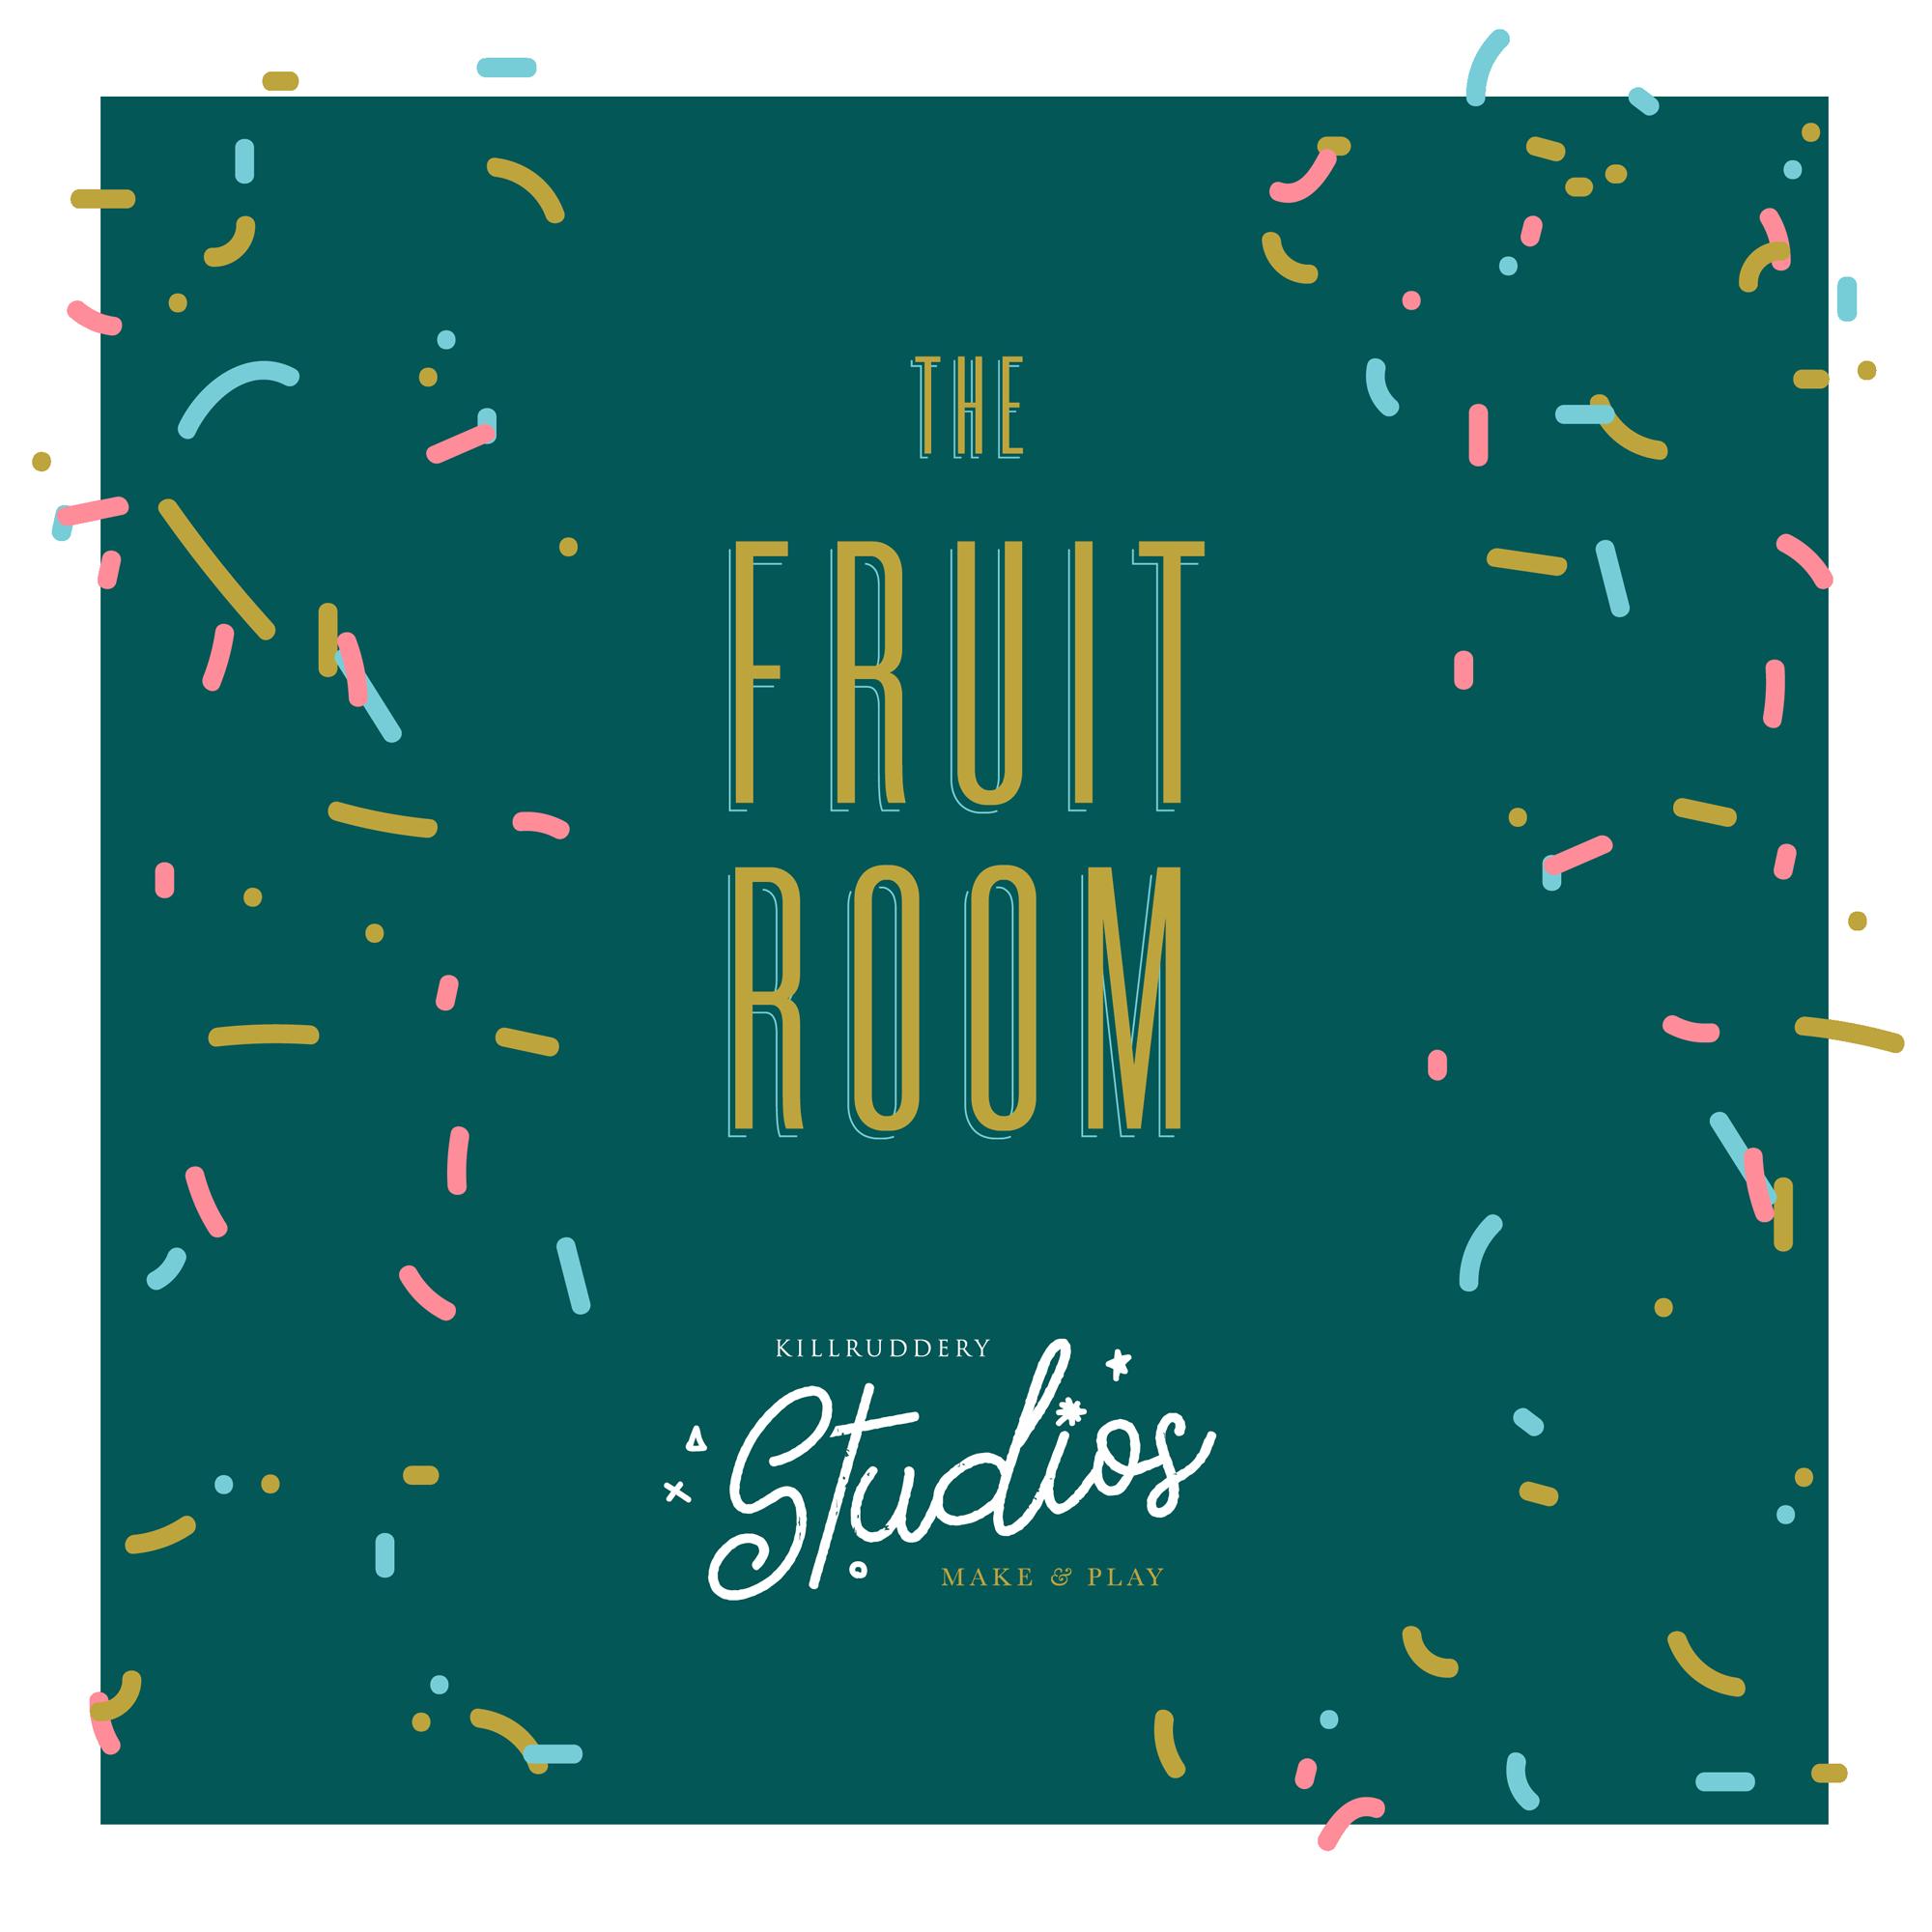 KillrudderyStudios_fruit-room-1.jpg